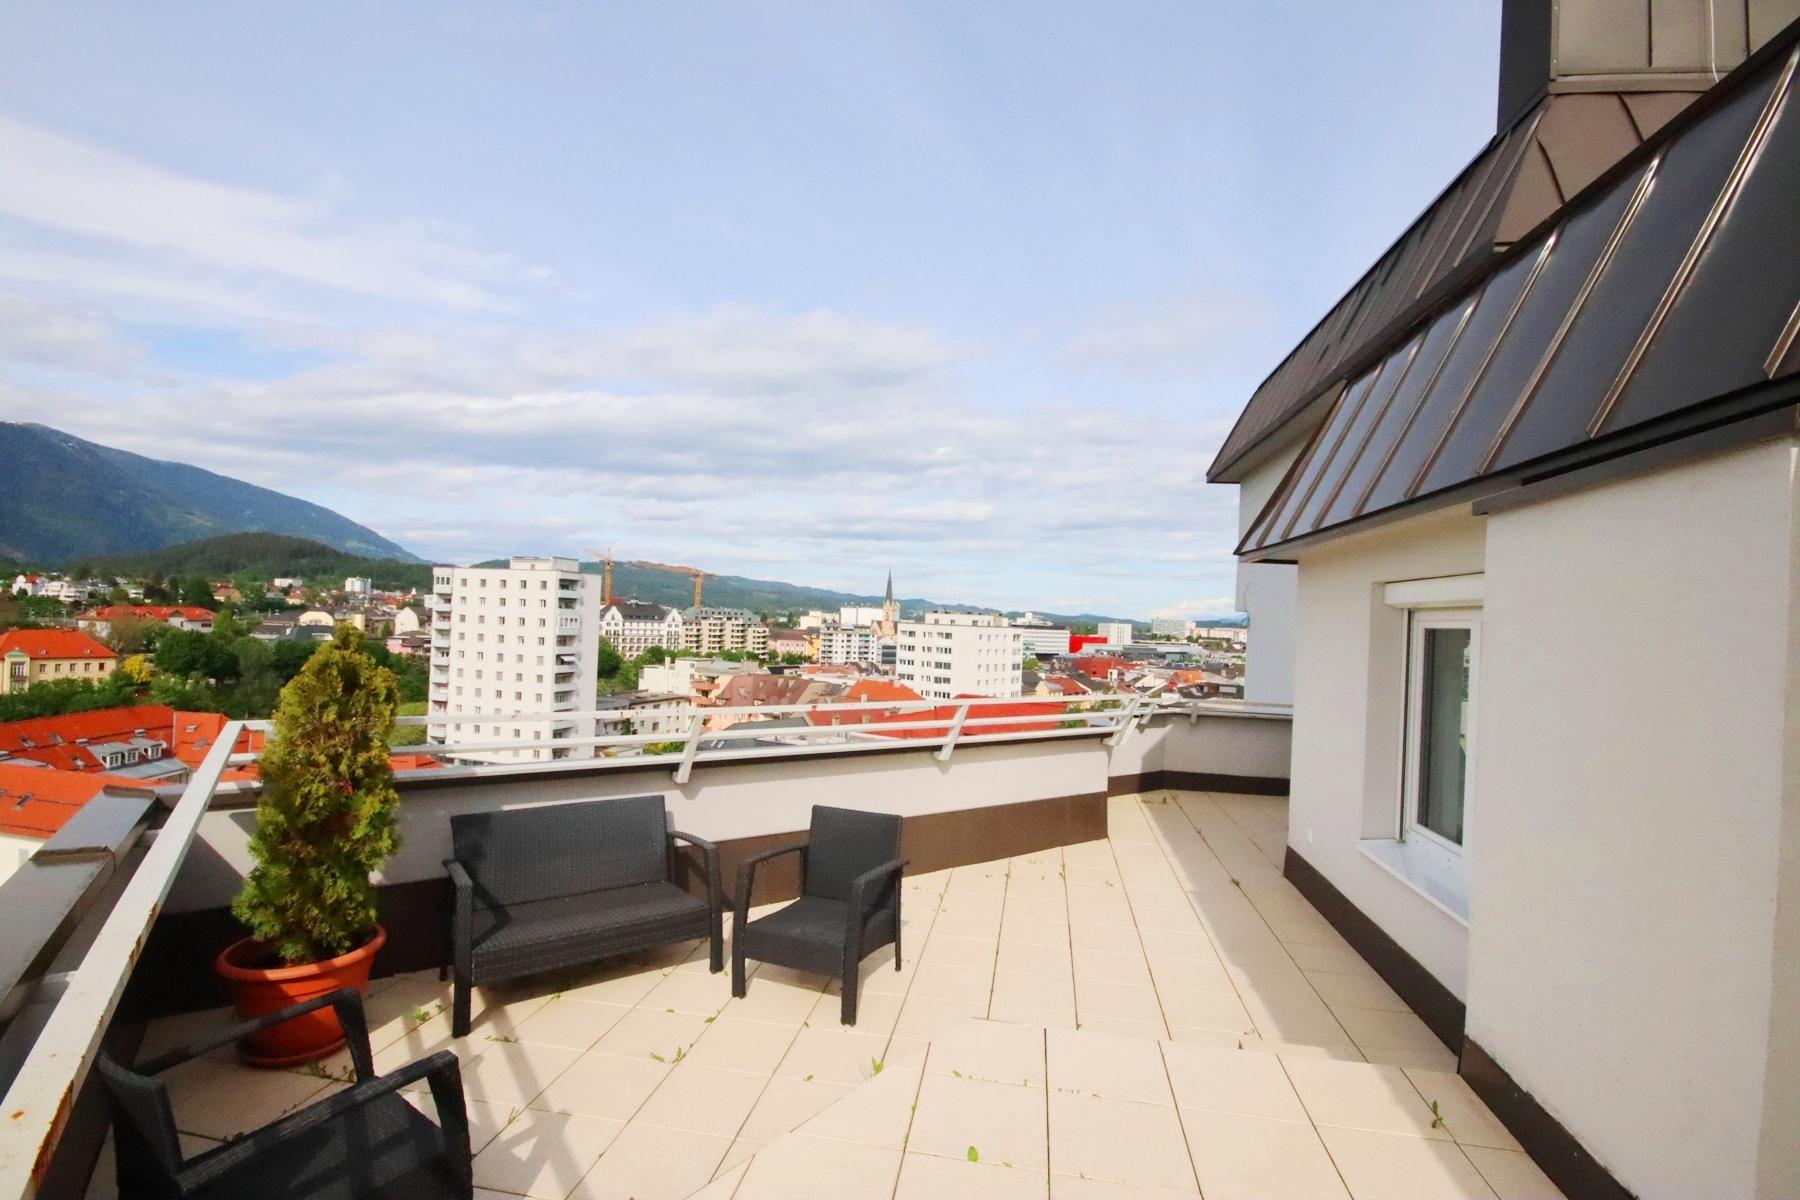 Schönes 4-Zimmer-City Penthouse mit großer Terrasse zu mieten